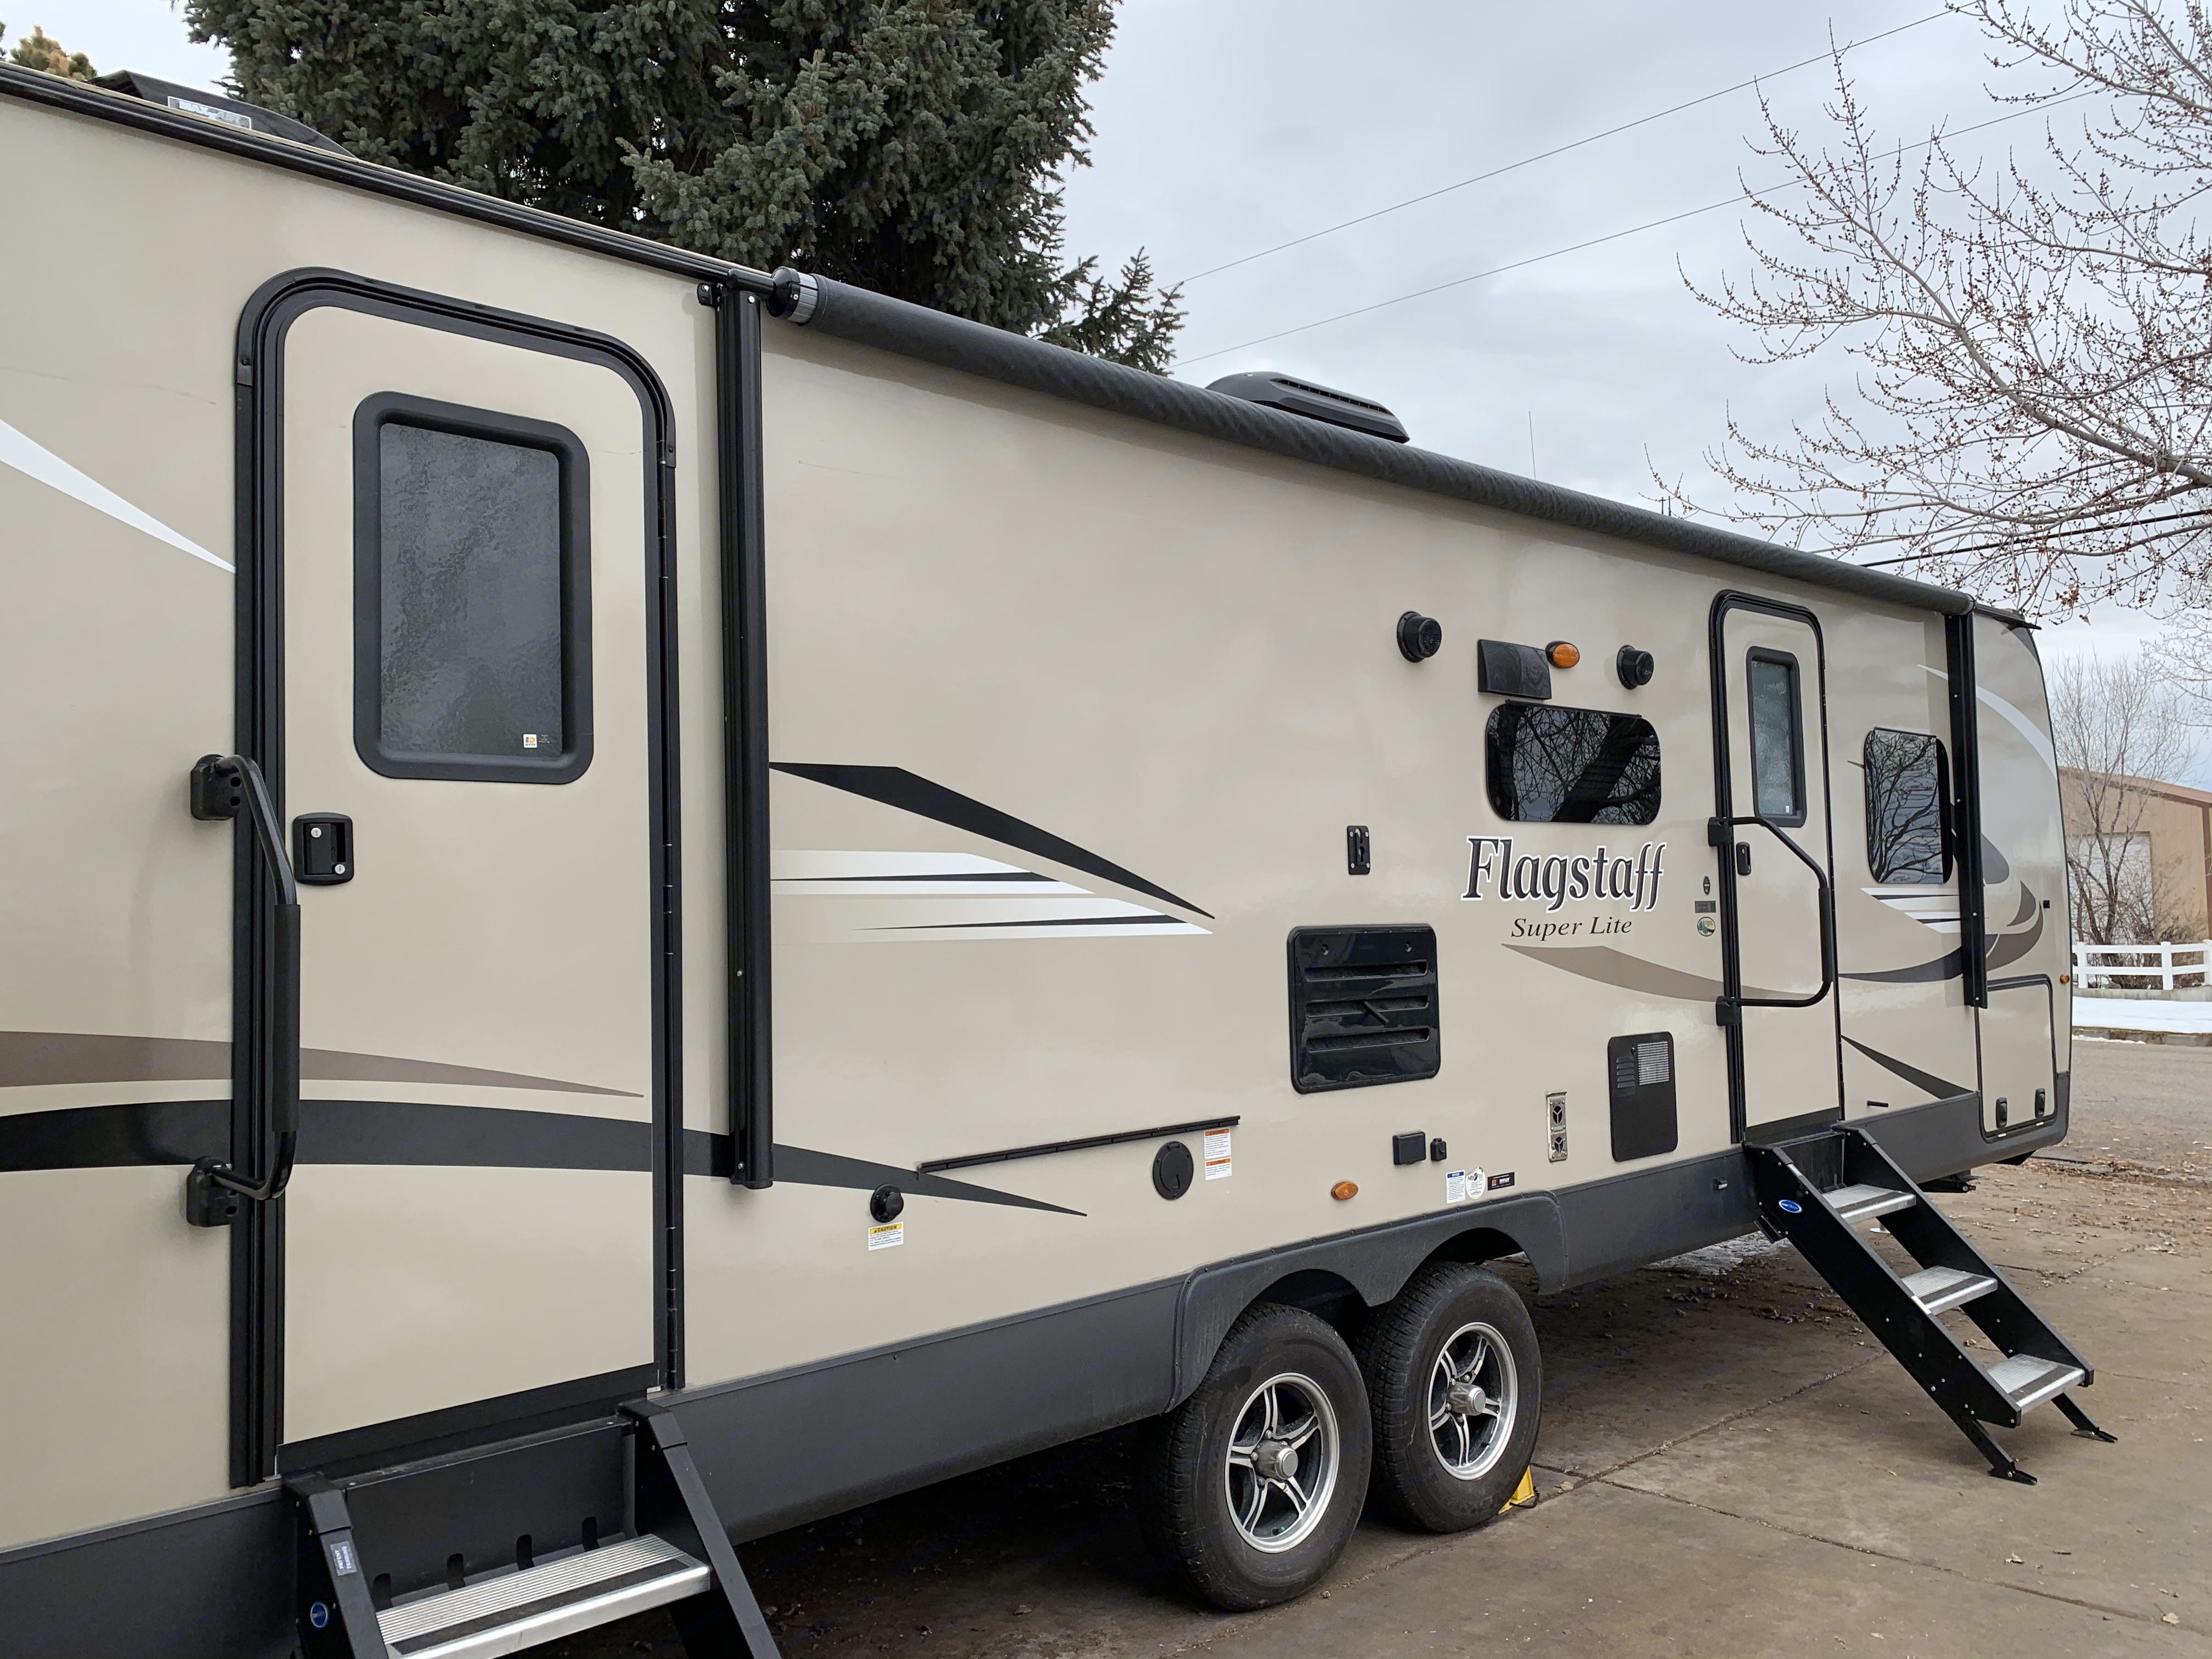 Flagstaff SuperLite 2019